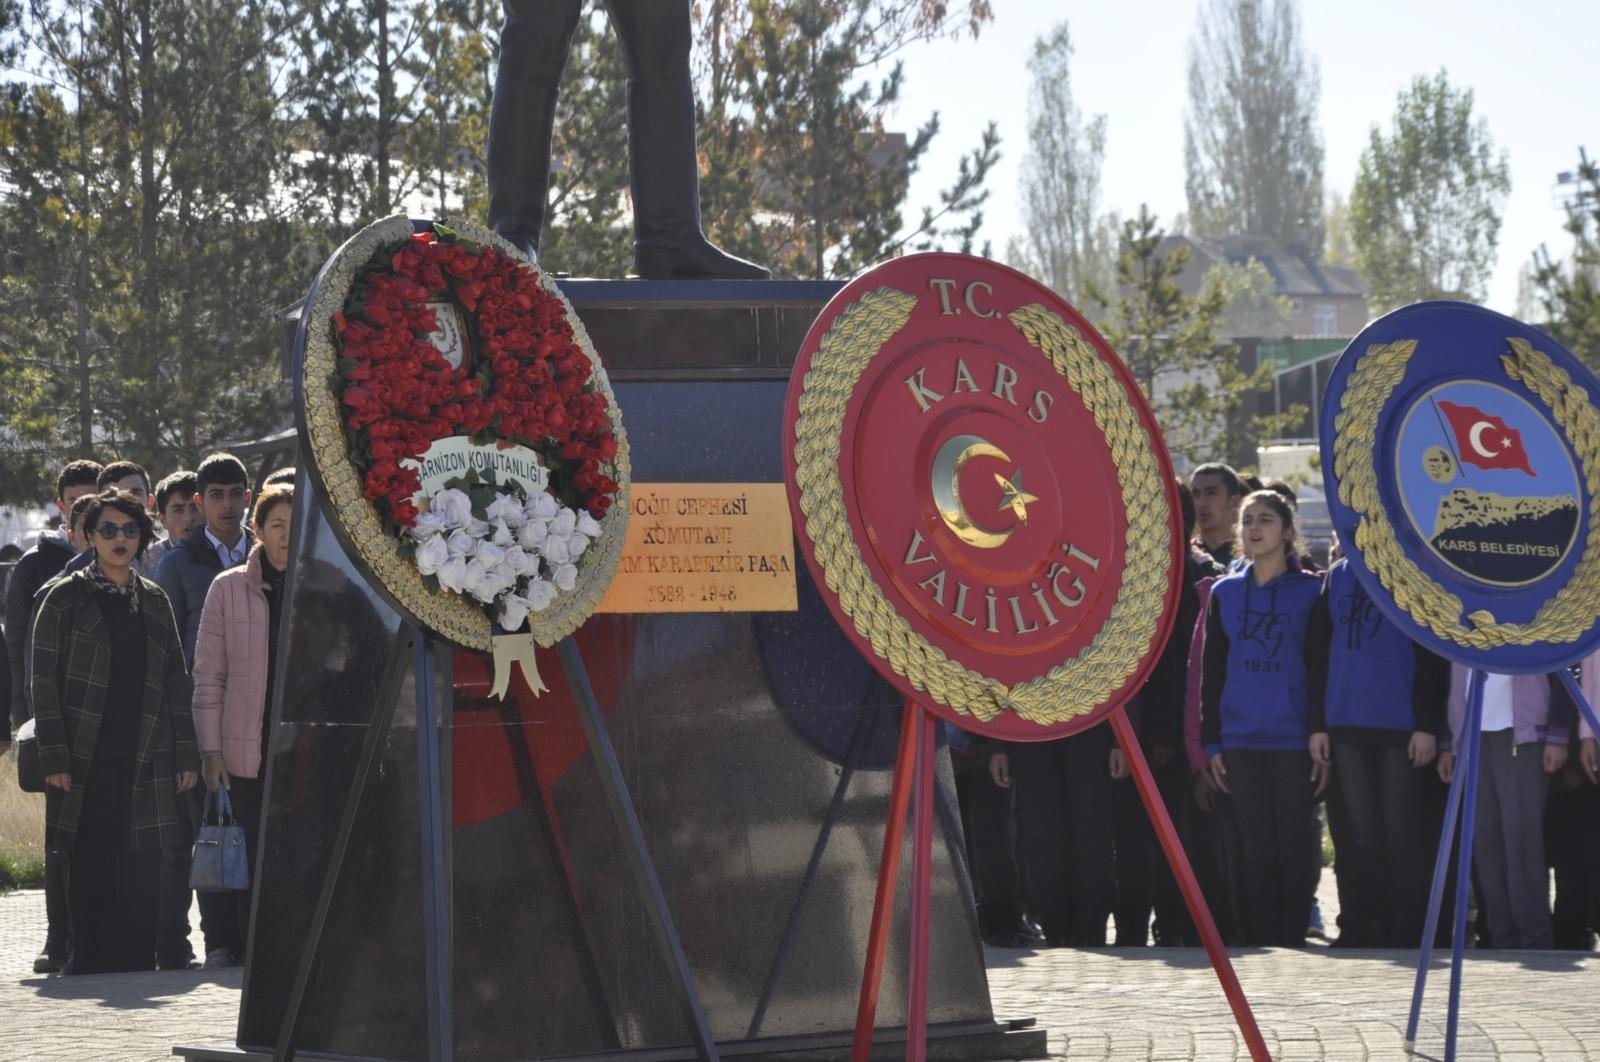 Yazıları silinen, Paşa'nın anıtına çelenk konuldu